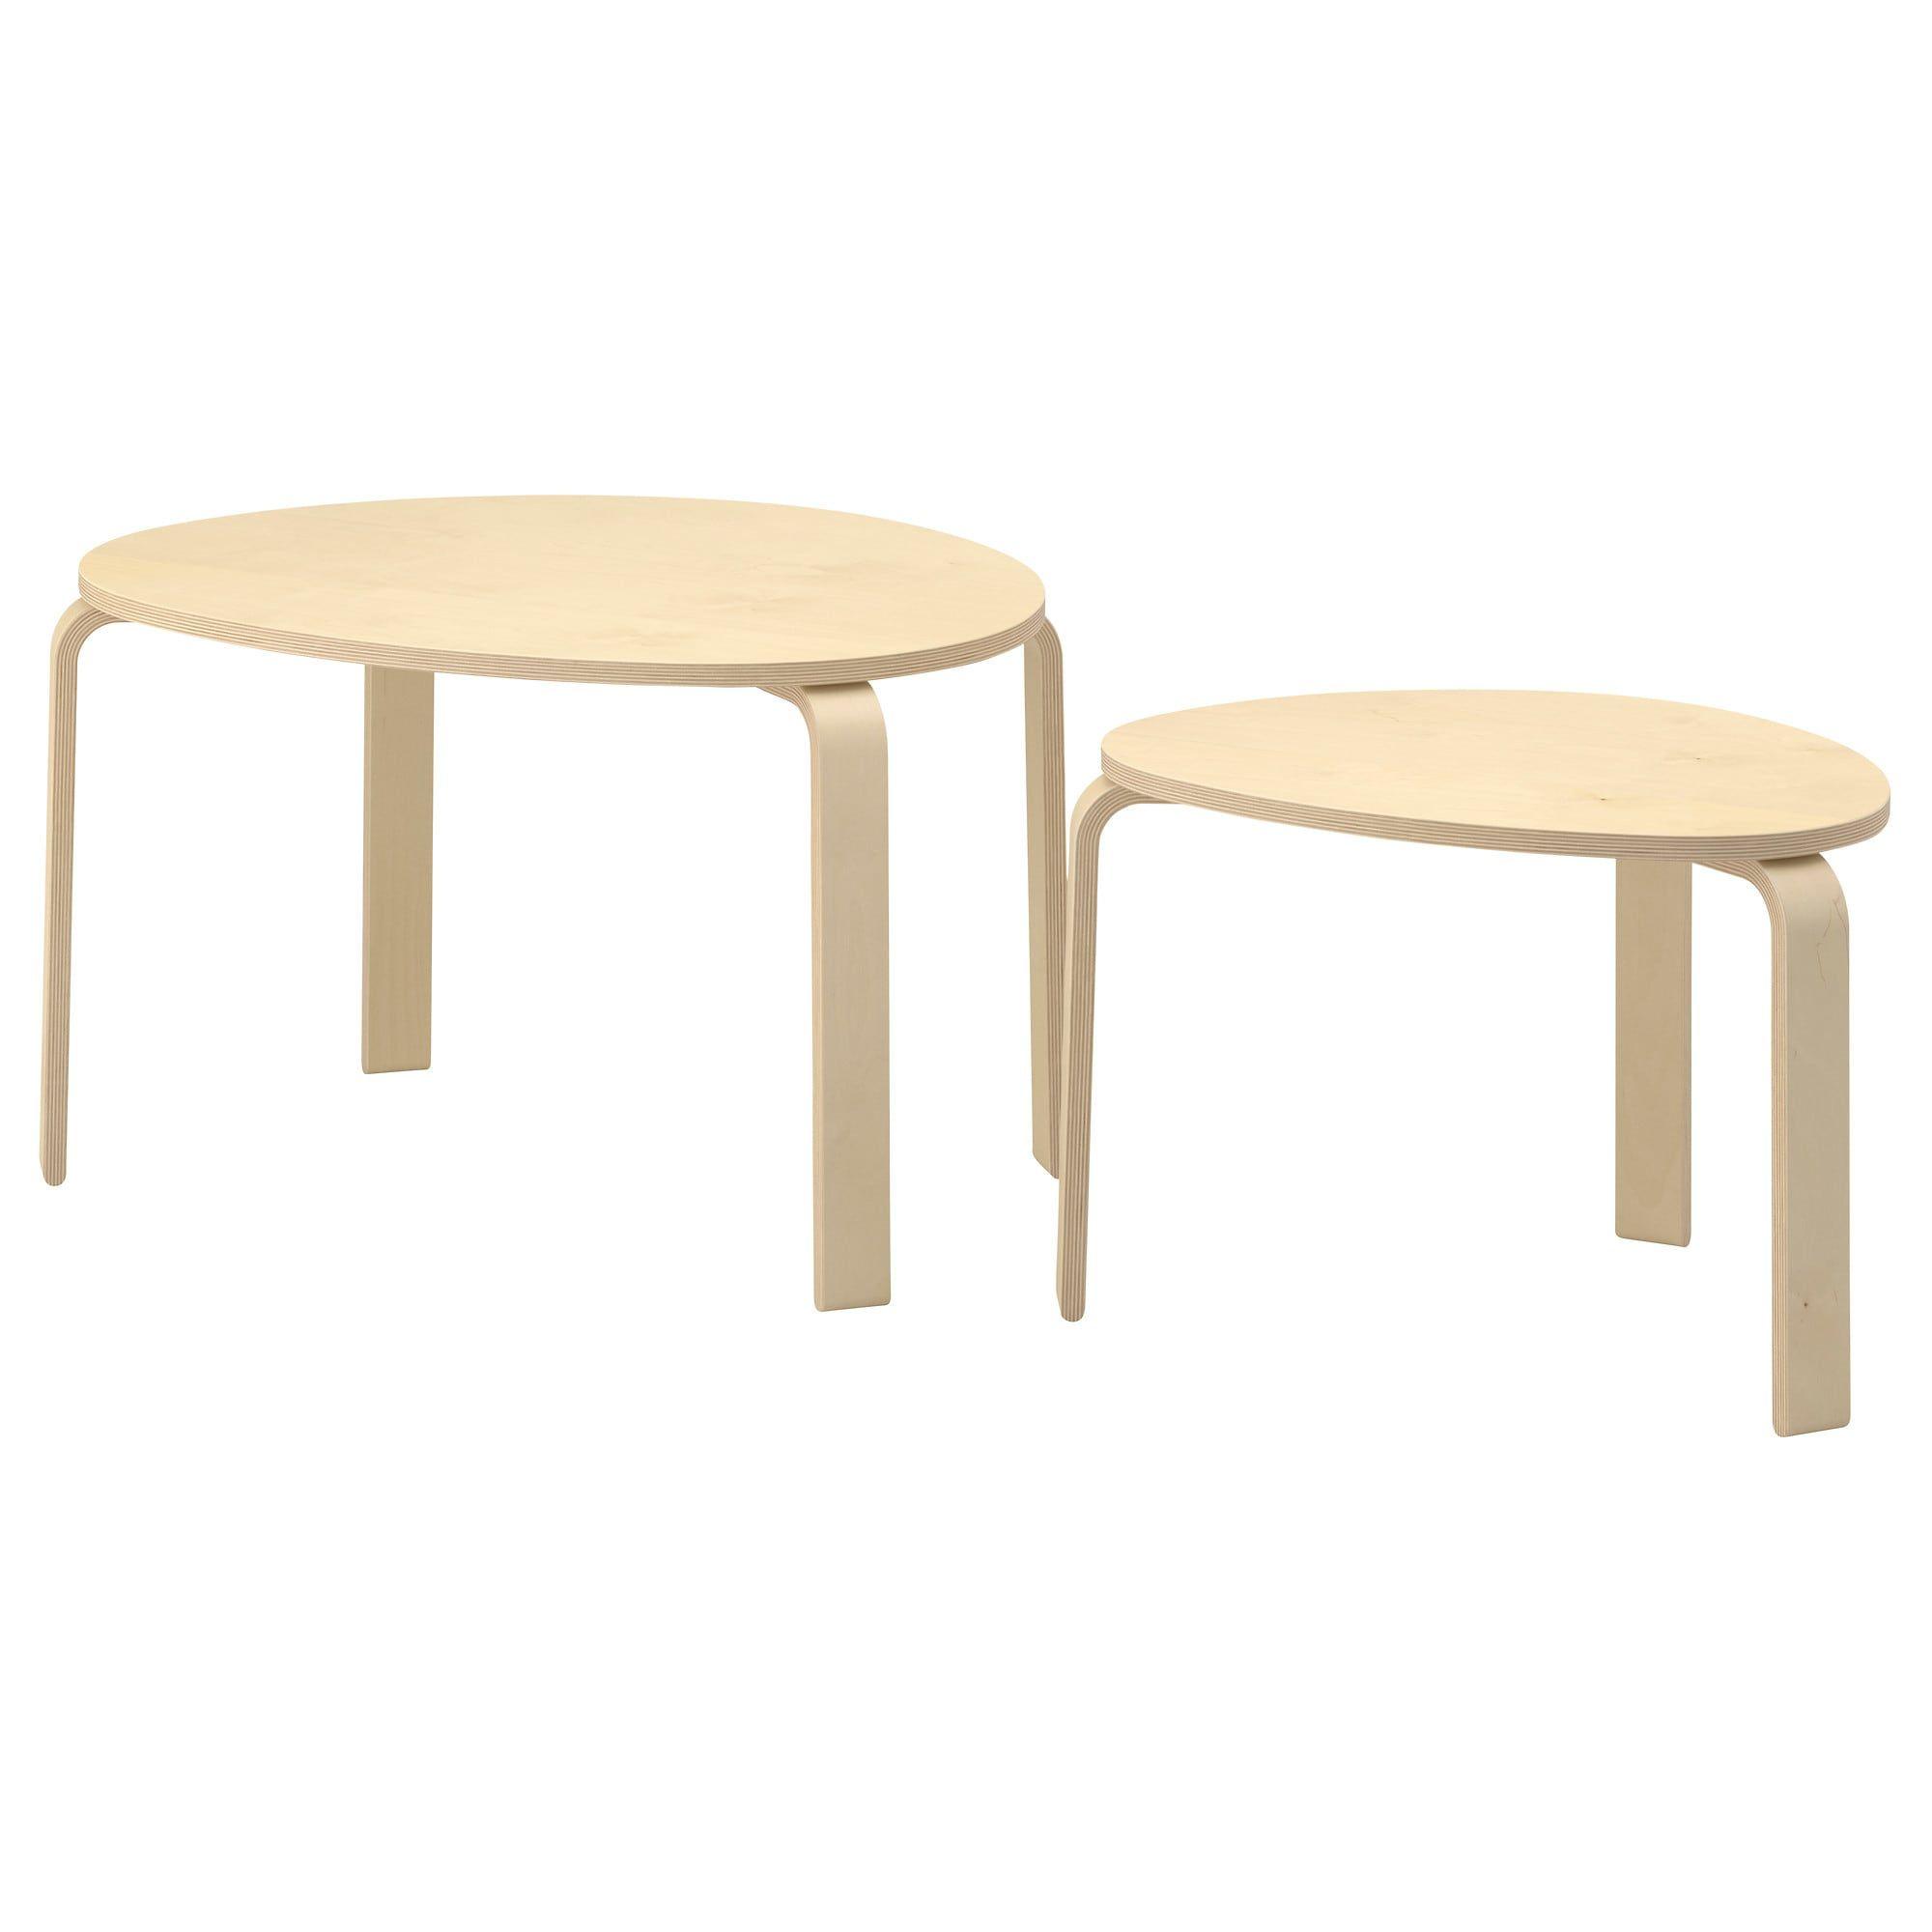 Svalsta Nesting Tables Set Of 2 Birch Veneer Ikea Ikea Side Table Nesting Tables Ikea Lack Side Table [ 2000 x 2000 Pixel ]